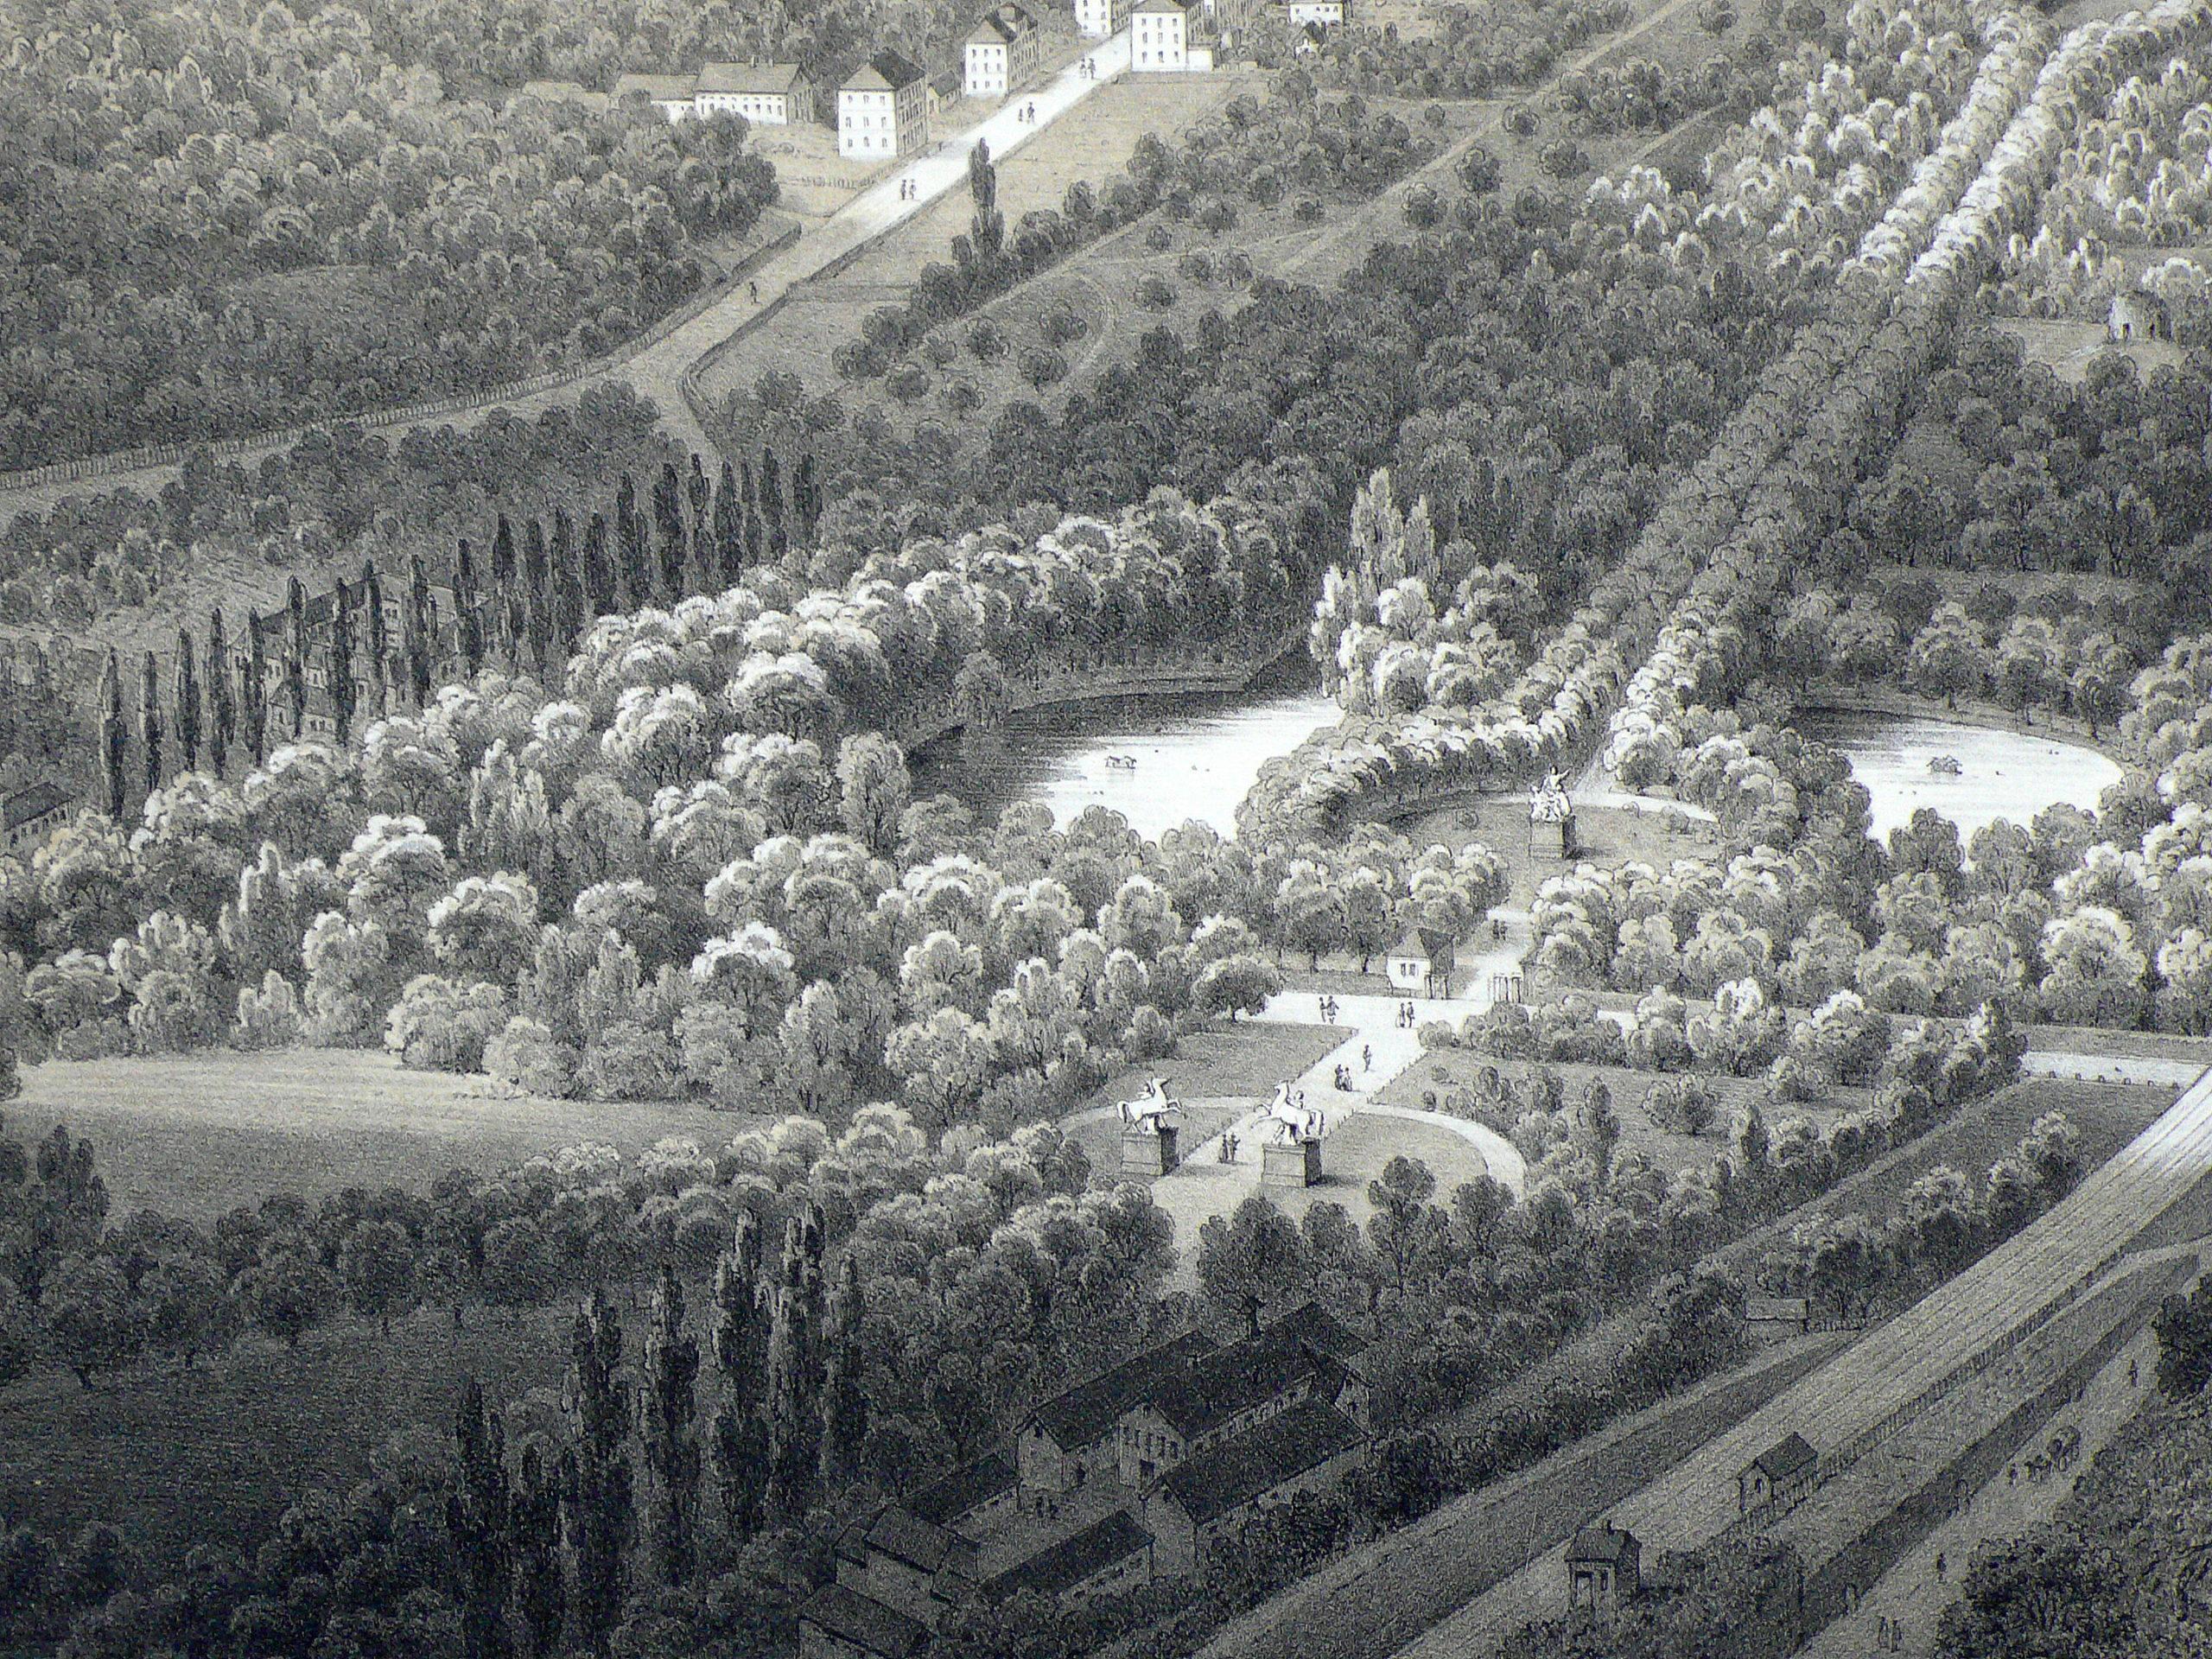 Vogelschau Schlossgarten 1852, Detail